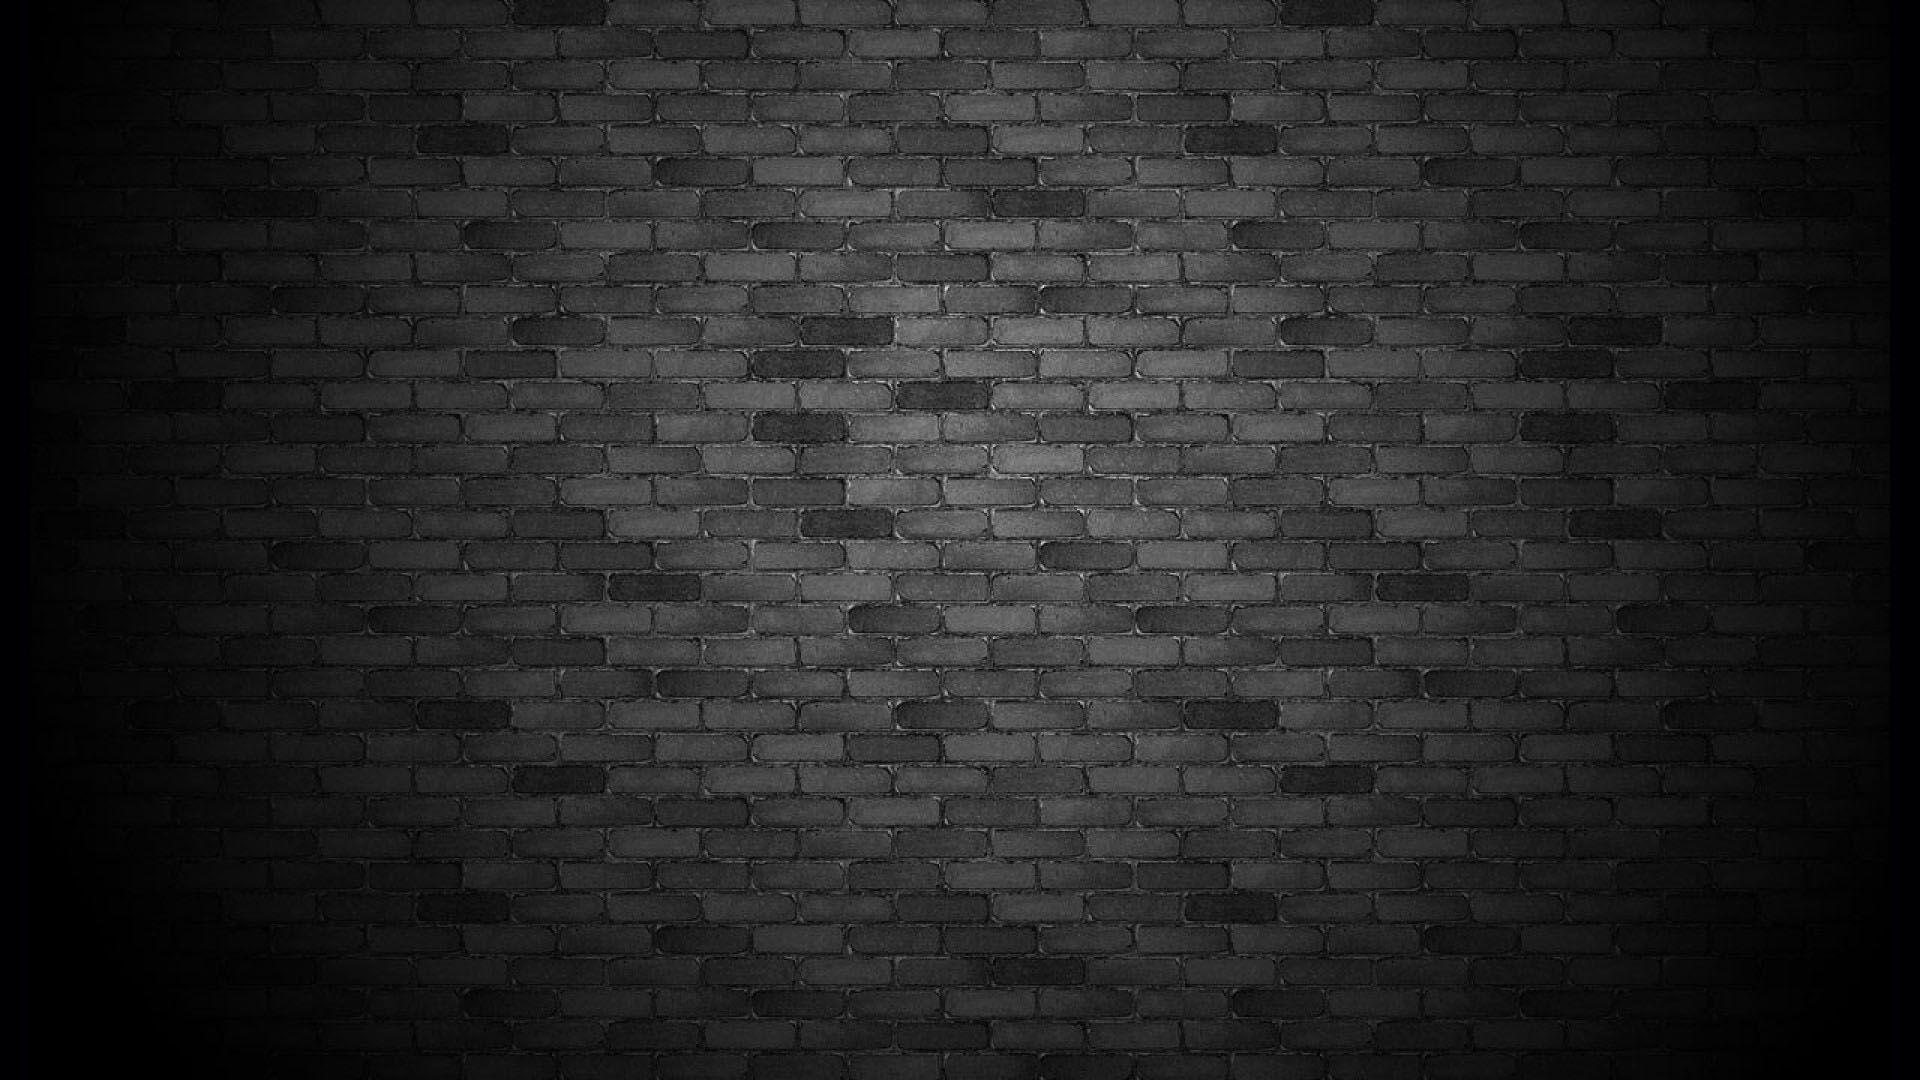 Innovative Black Brick Wallpaper